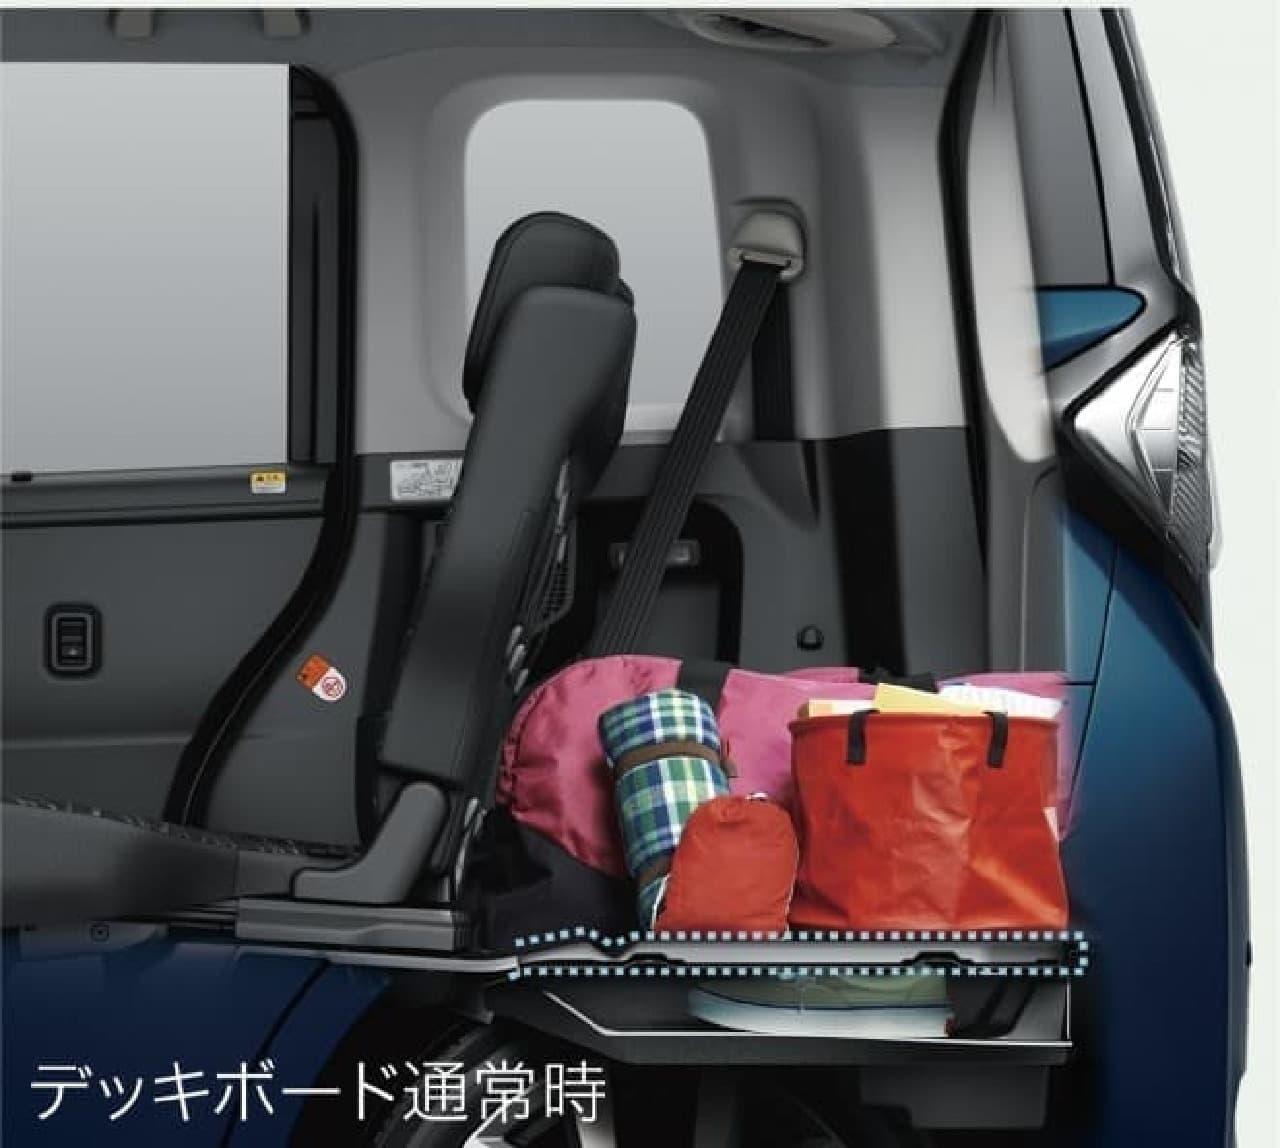 ダイハツ、新型小型乗用車「トール」「トール カスタム」発売~子育てファミリーの日常にジャストフィット~